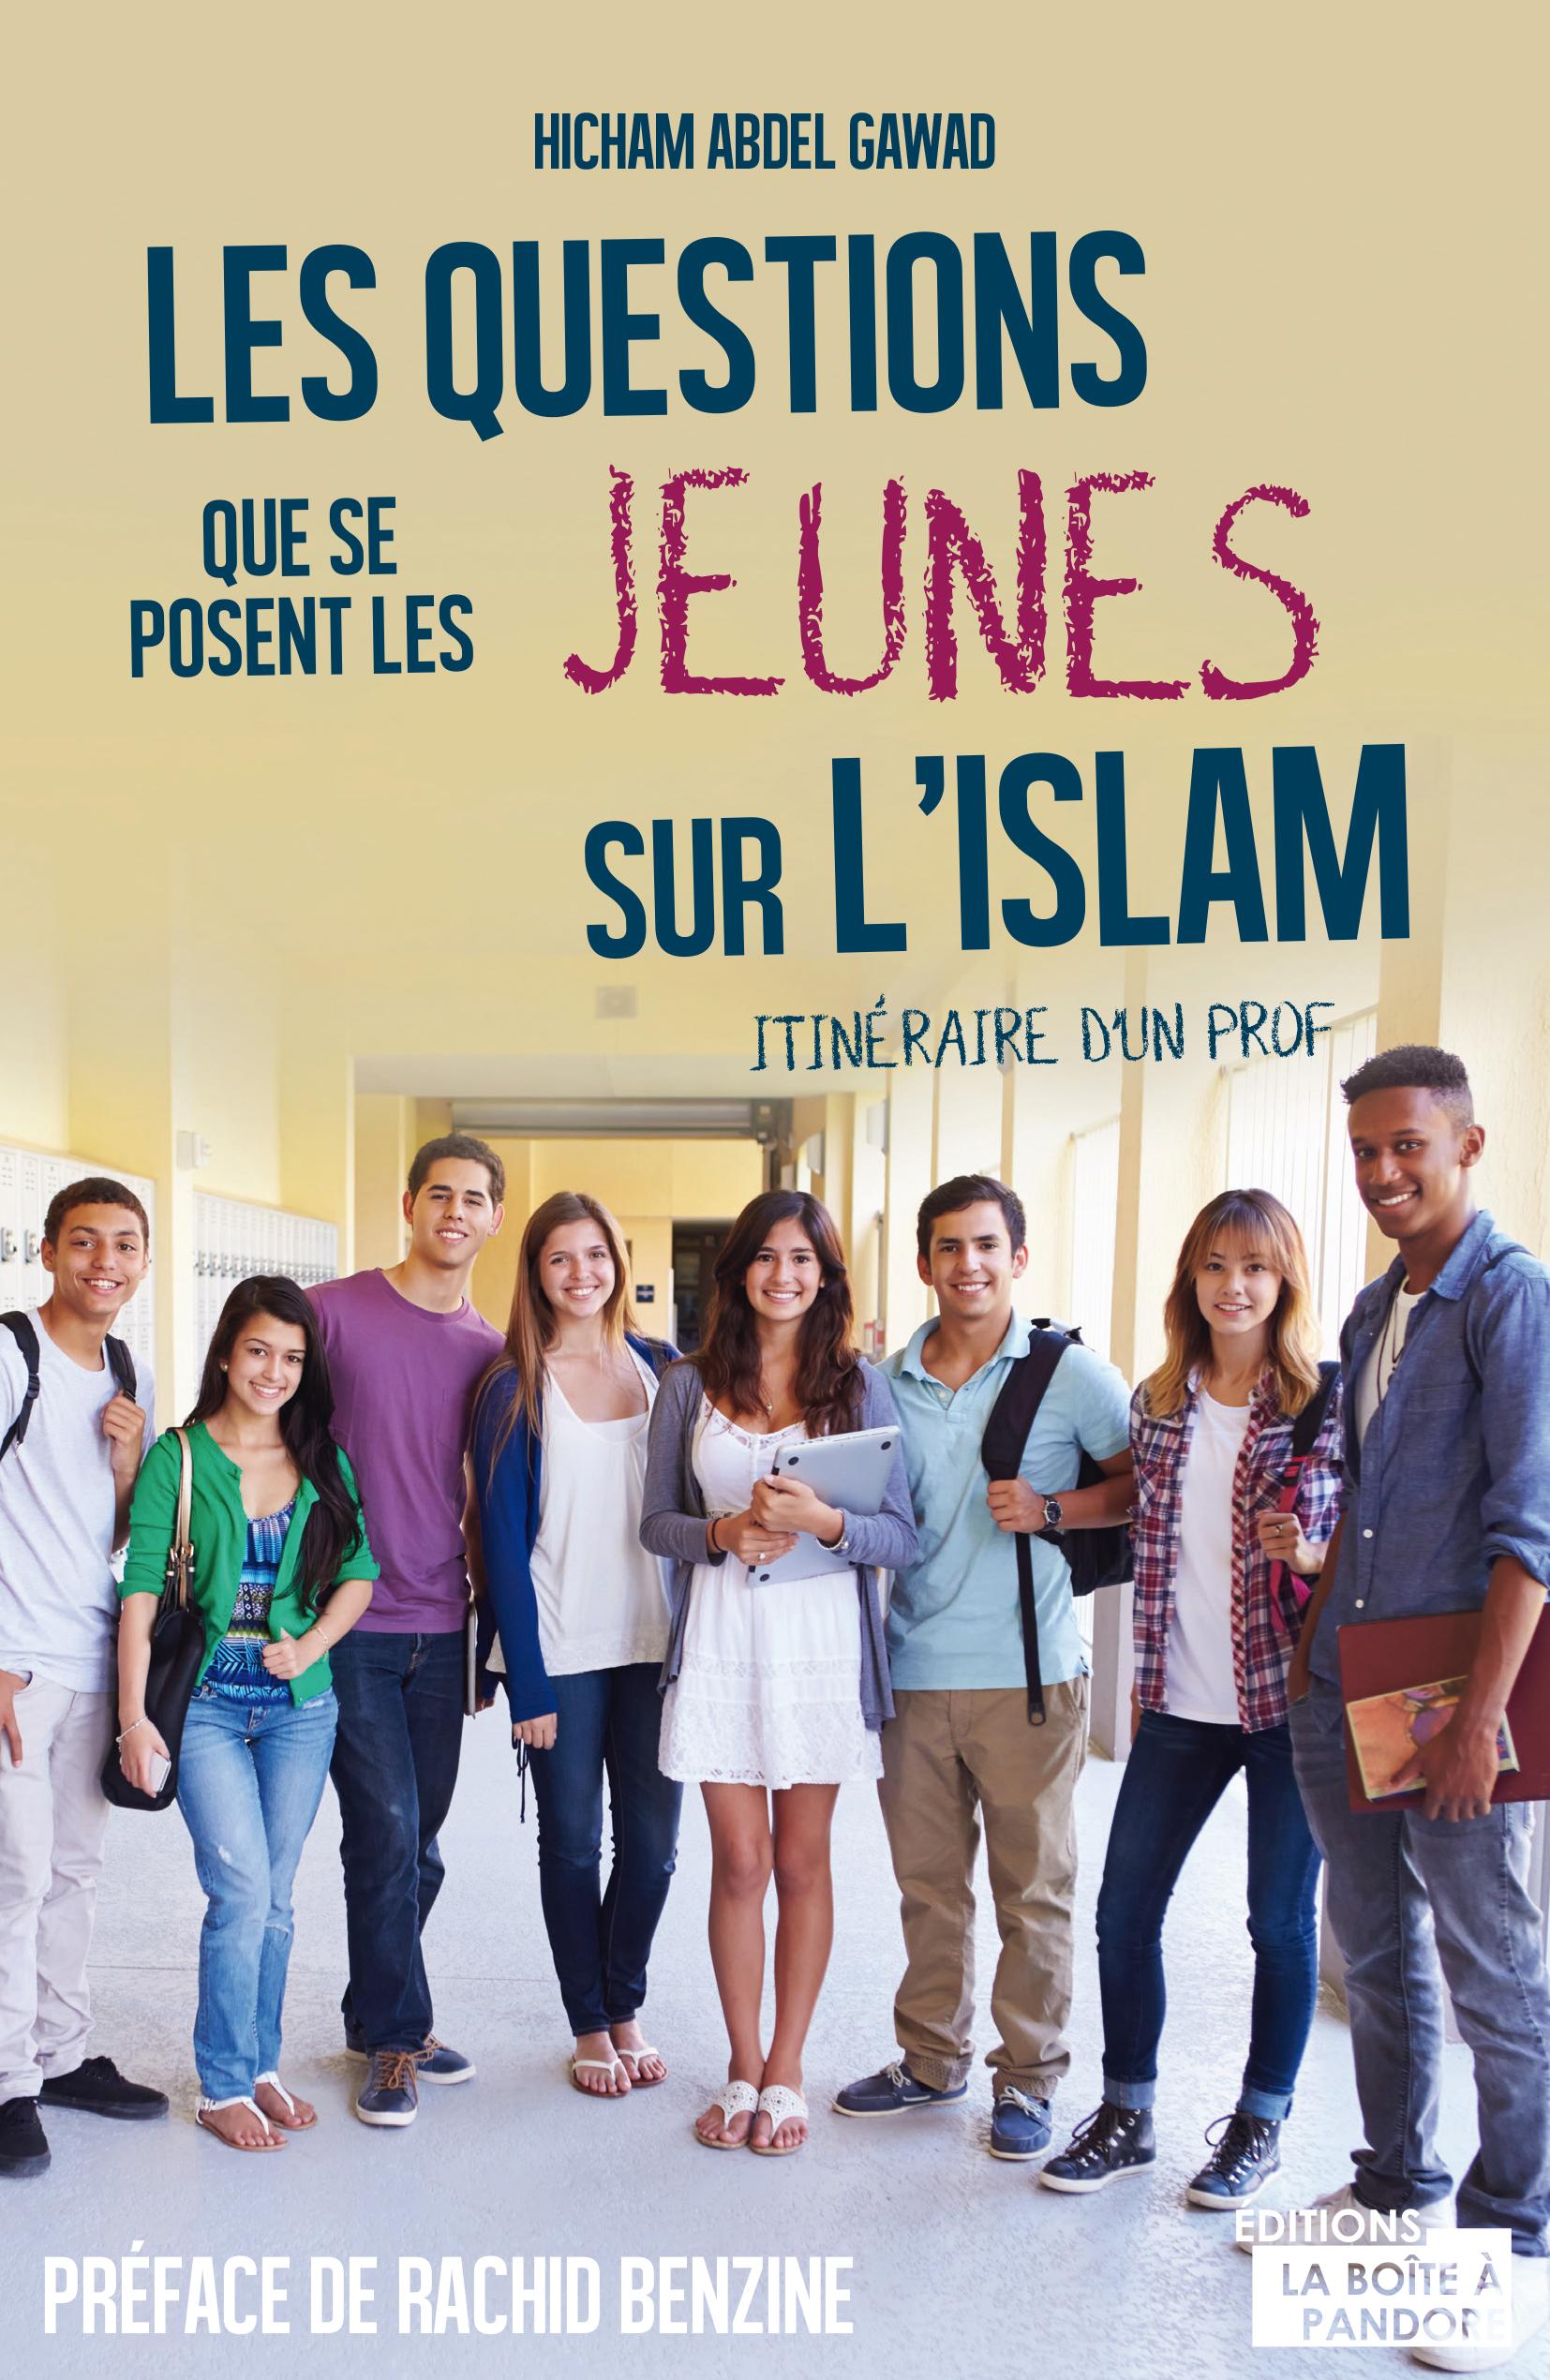 Les questions que se posent les jeunes sur l'Islam